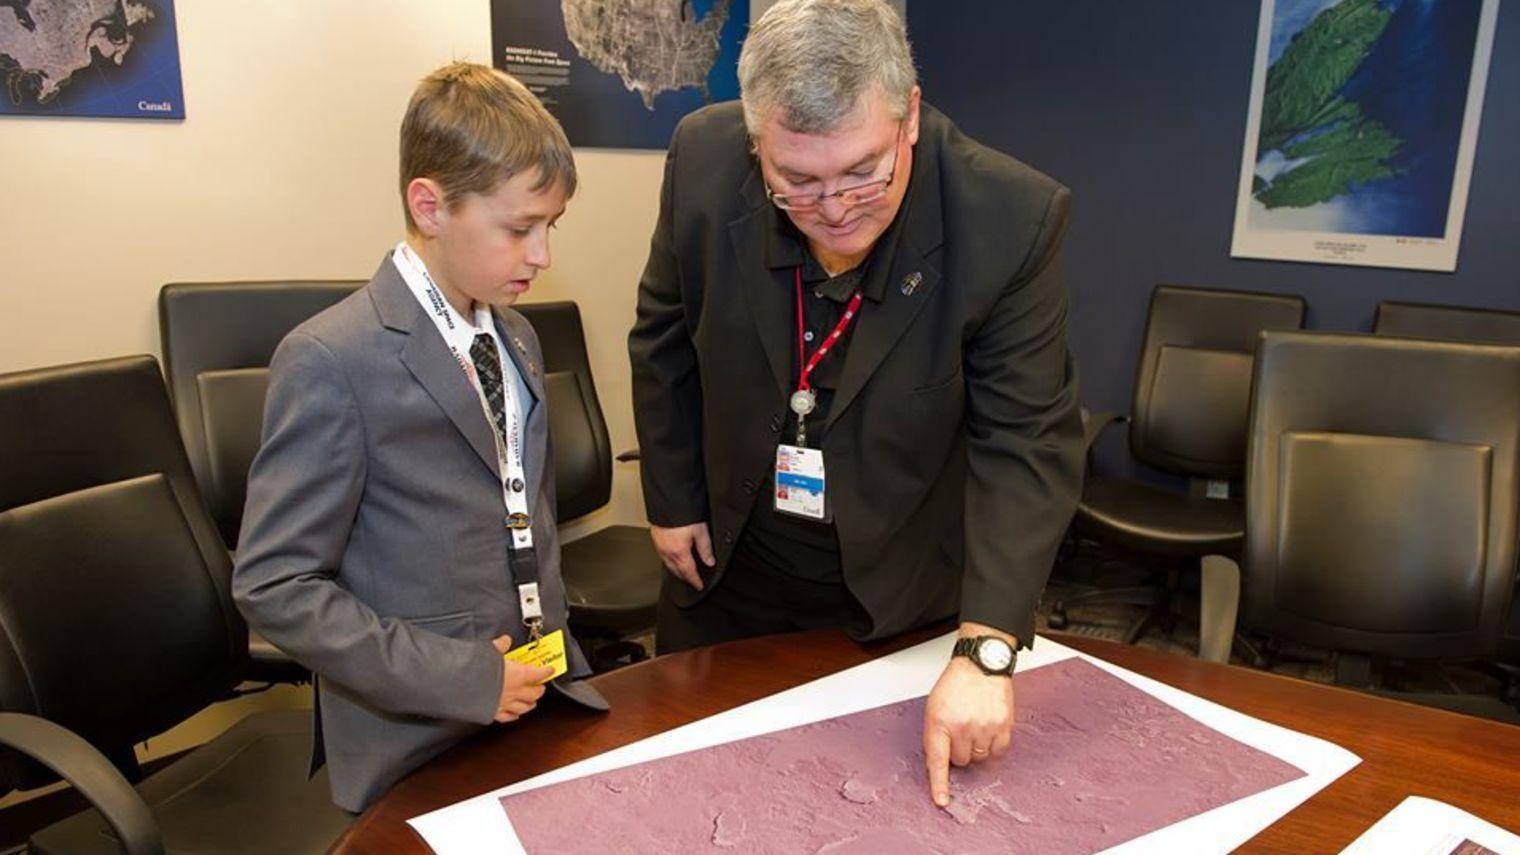 Петя Васечкин обсуждает с директором «Роскосмоса» свежие спутниковые снимки. О, простите, это Уильям Гадори и Канада. Нашим некогда заниматься ерундой, выводят космонавтику из кризиса.